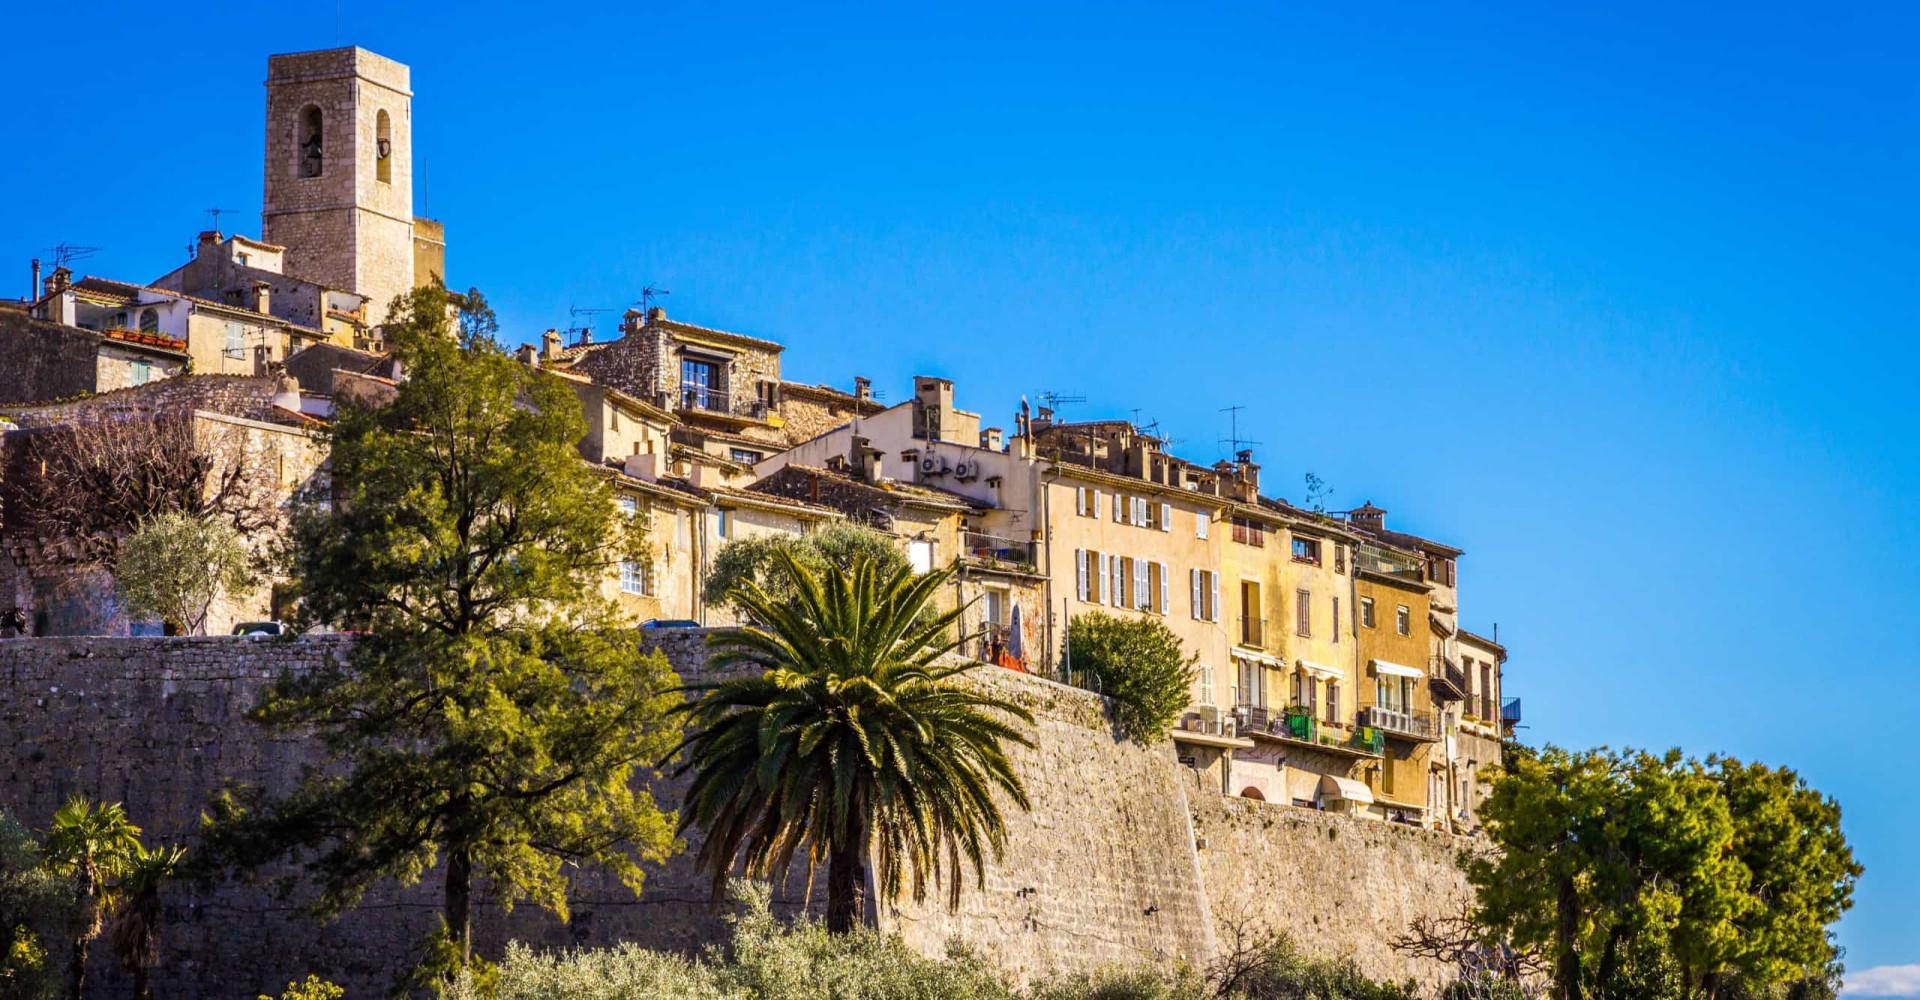 Balade au cœur des villes et villages fortifiés de France